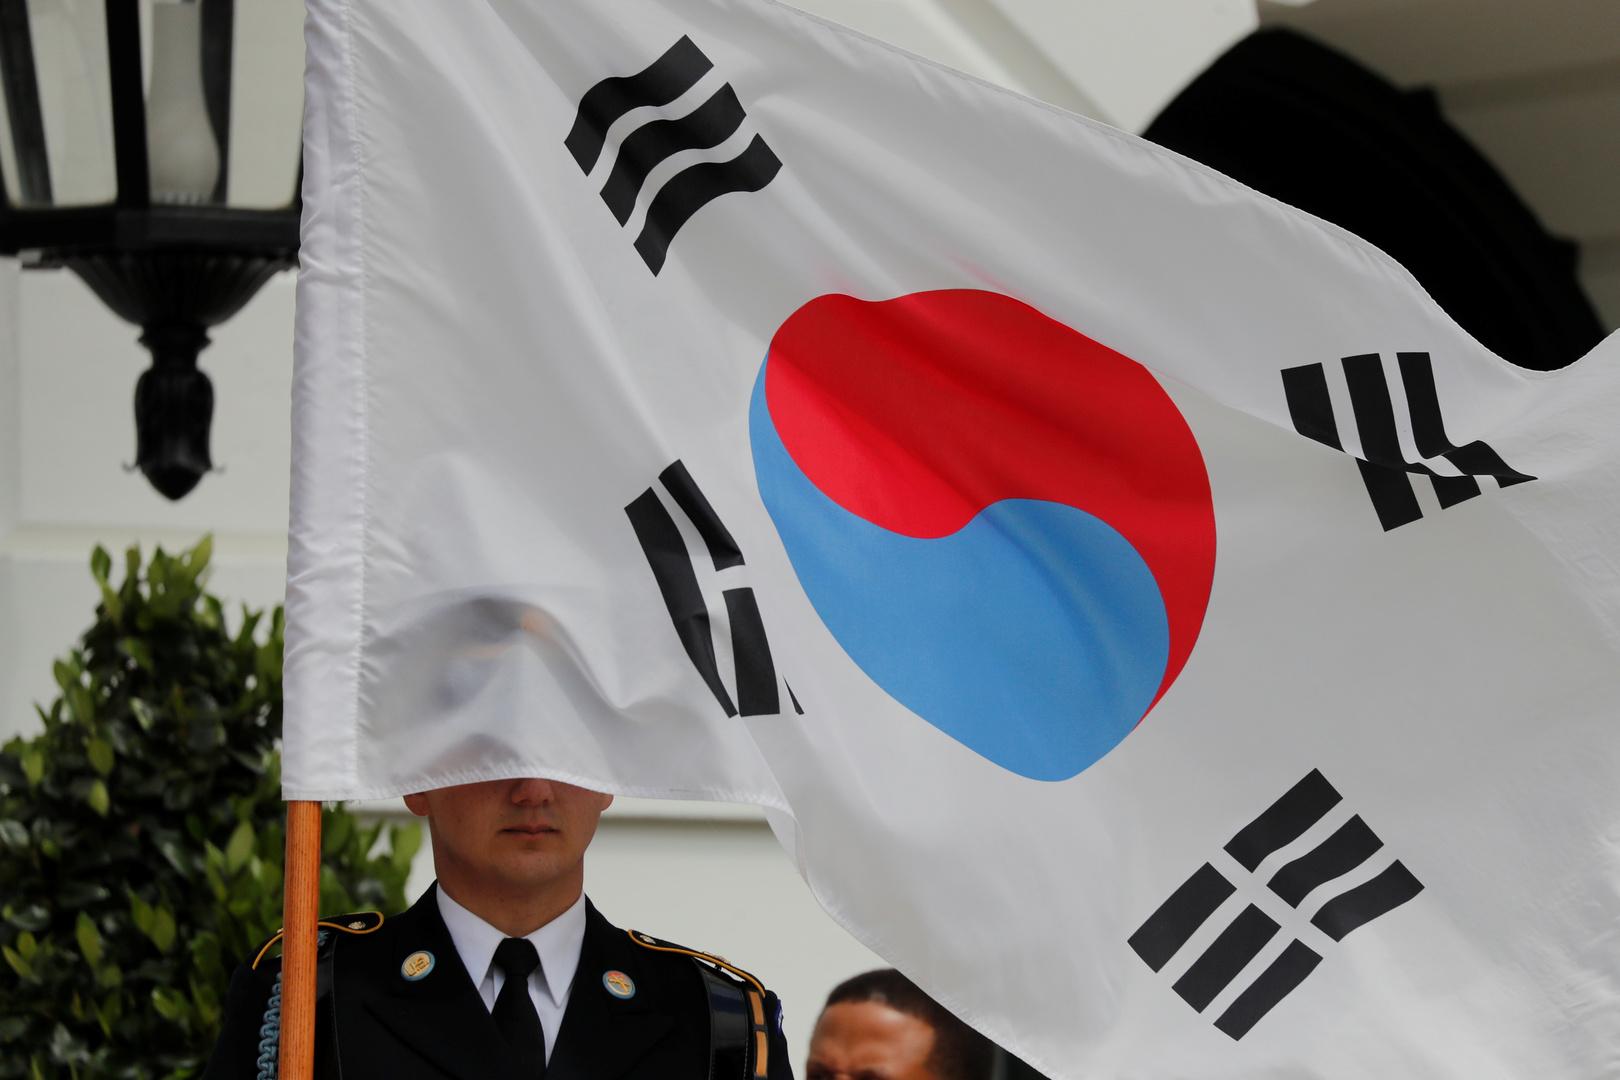 وزير الدفاع الكوري الجنوبي: أشعر بالخجل الشديد بسبب مزاعم قيام عميد بالتحرش الجنسي